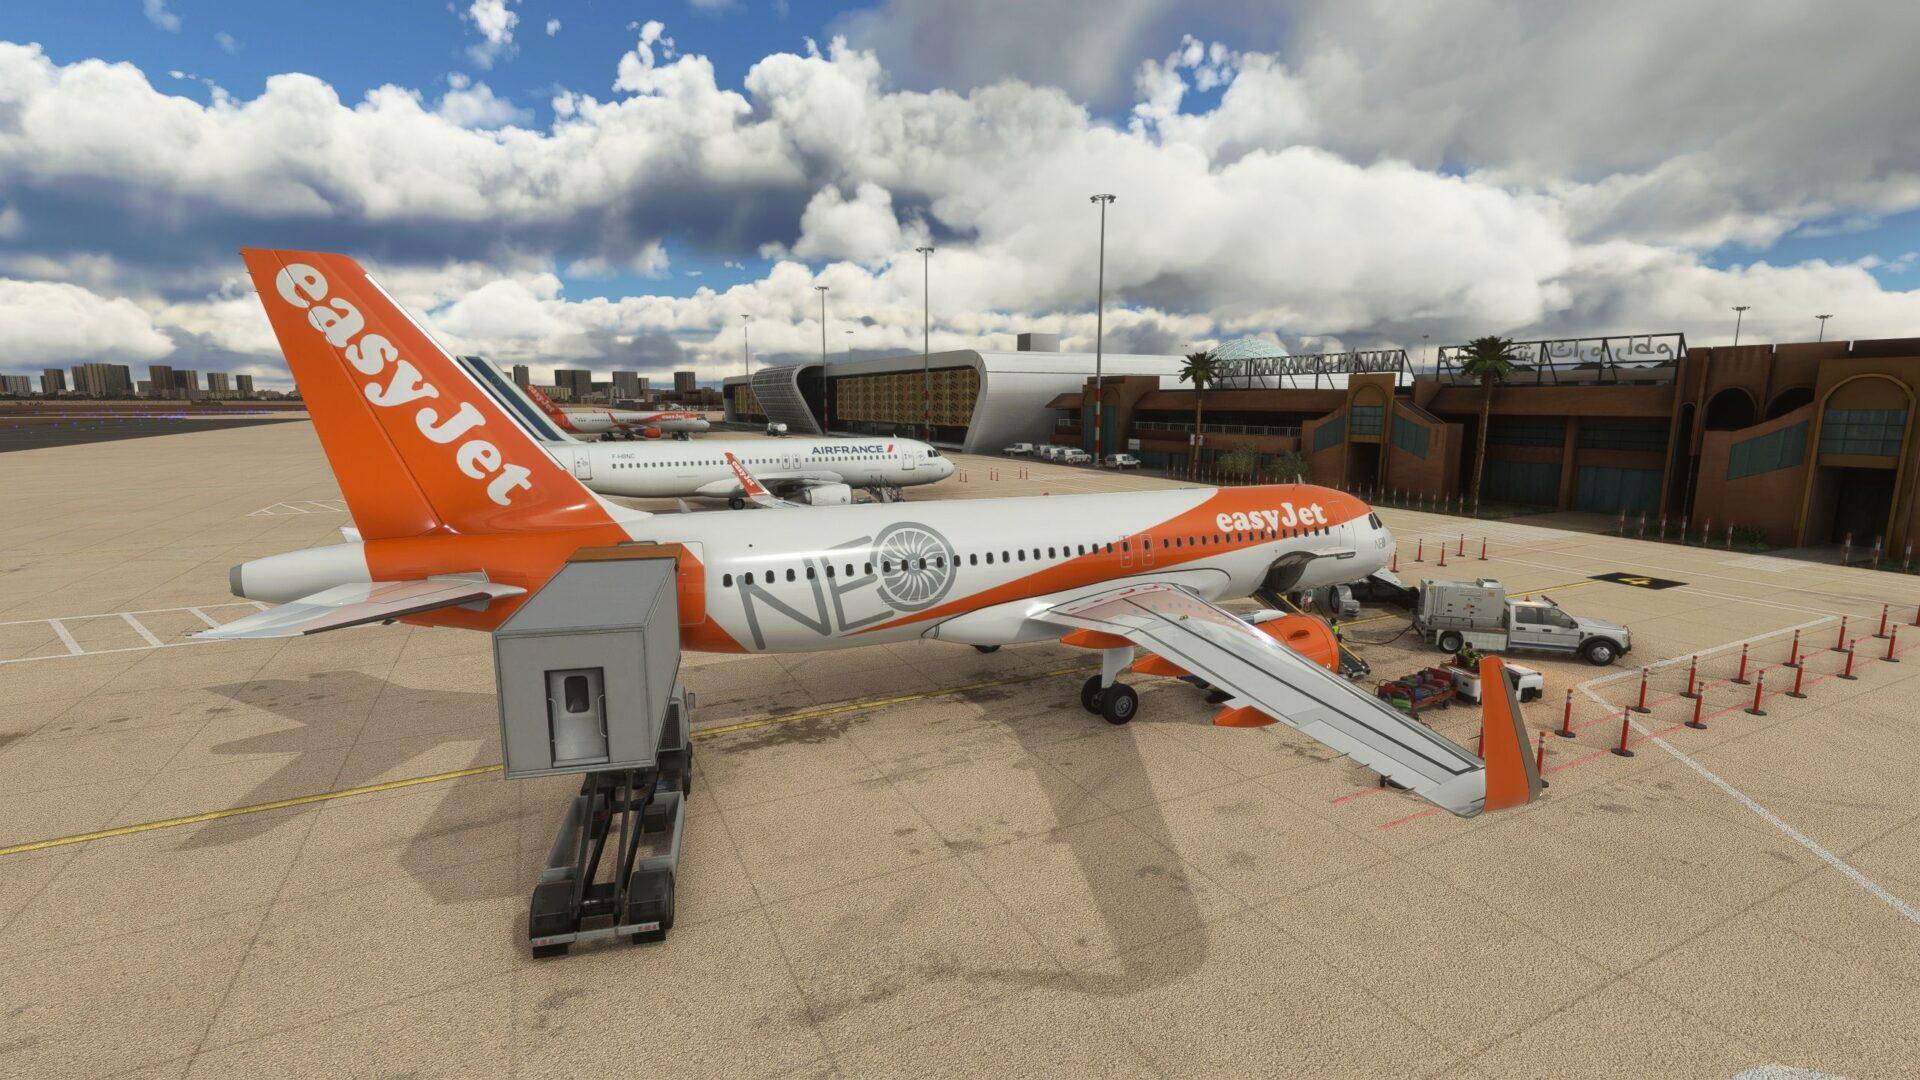 Marrakech Menara Airport for Microsoft Flight Simulator Critic Review